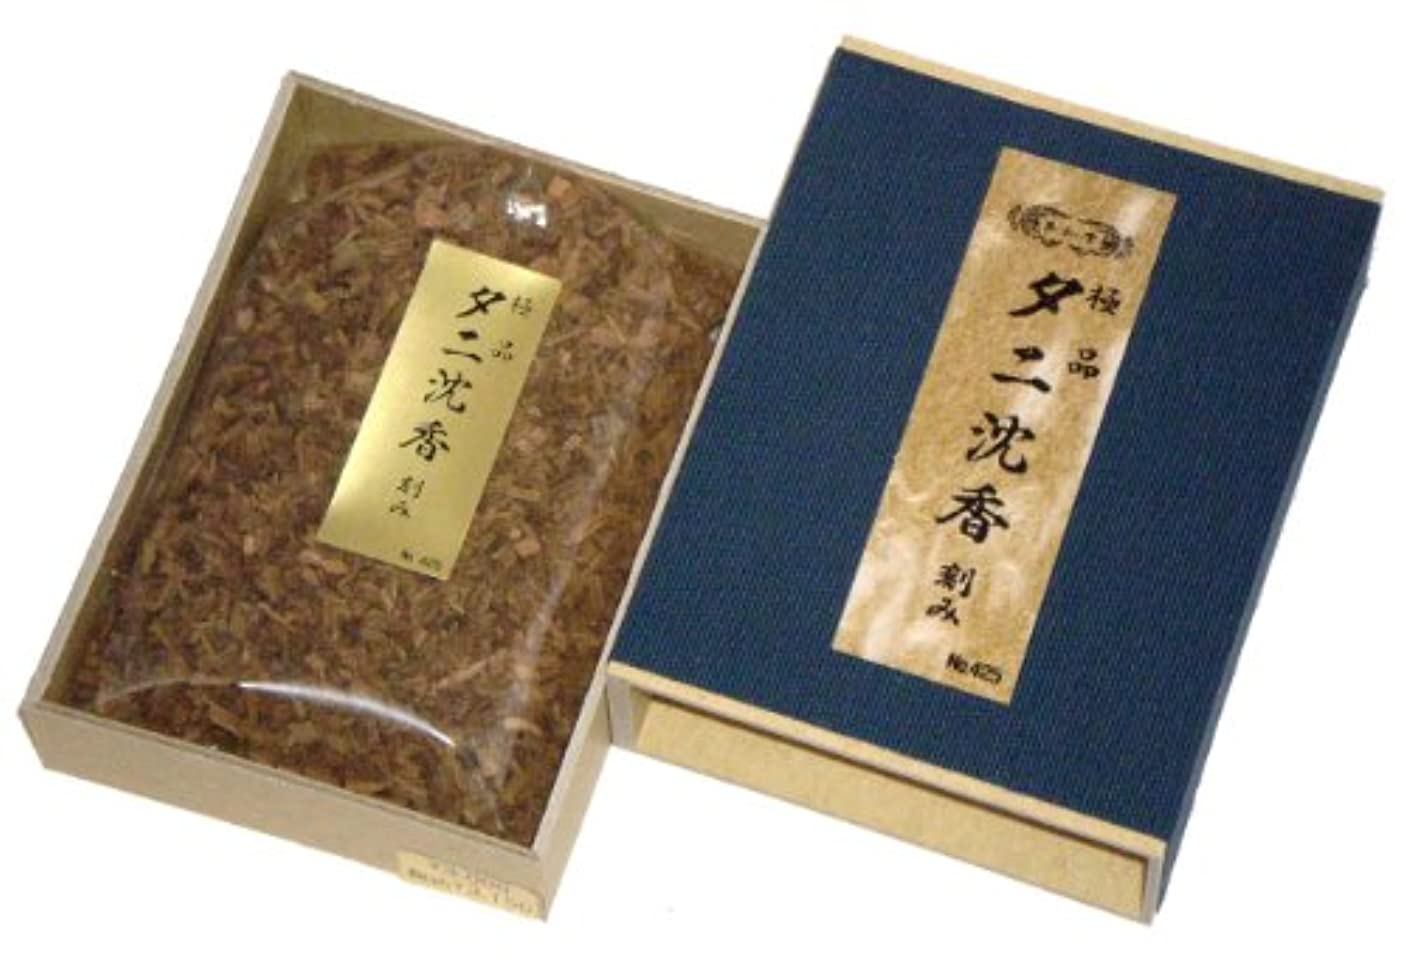 吸う見かけ上自動化玉初堂のお香 極品タニ沈香 刻み 化粧箱(布貼)入 #425